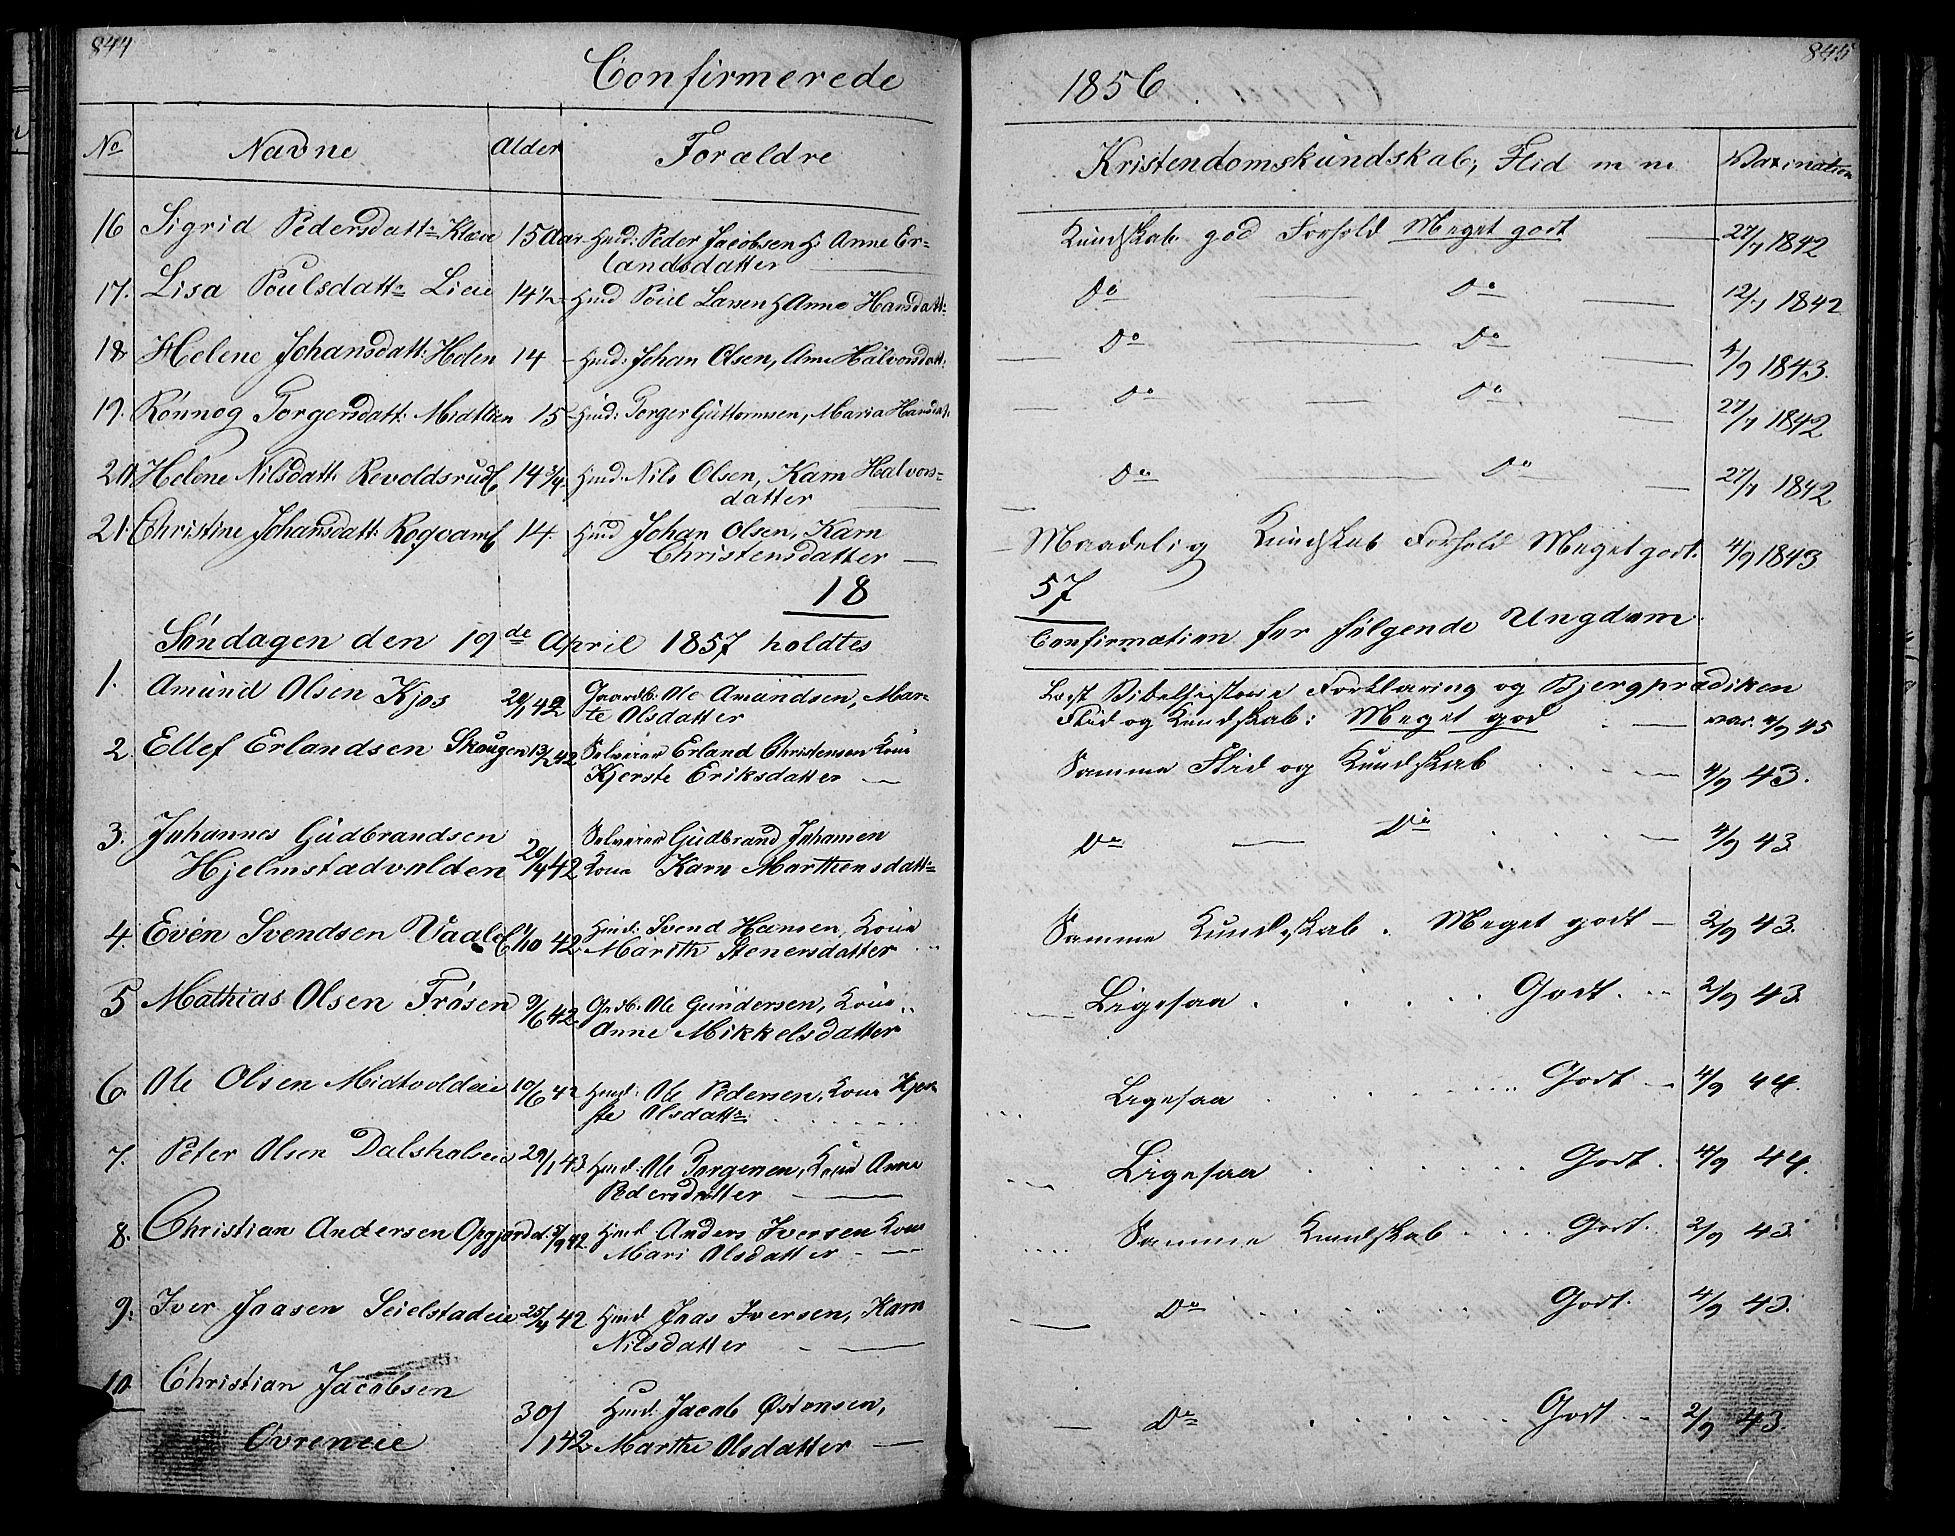 SAH, Gausdal prestekontor, Klokkerbok nr. 4, 1835-1870, s. 844-845